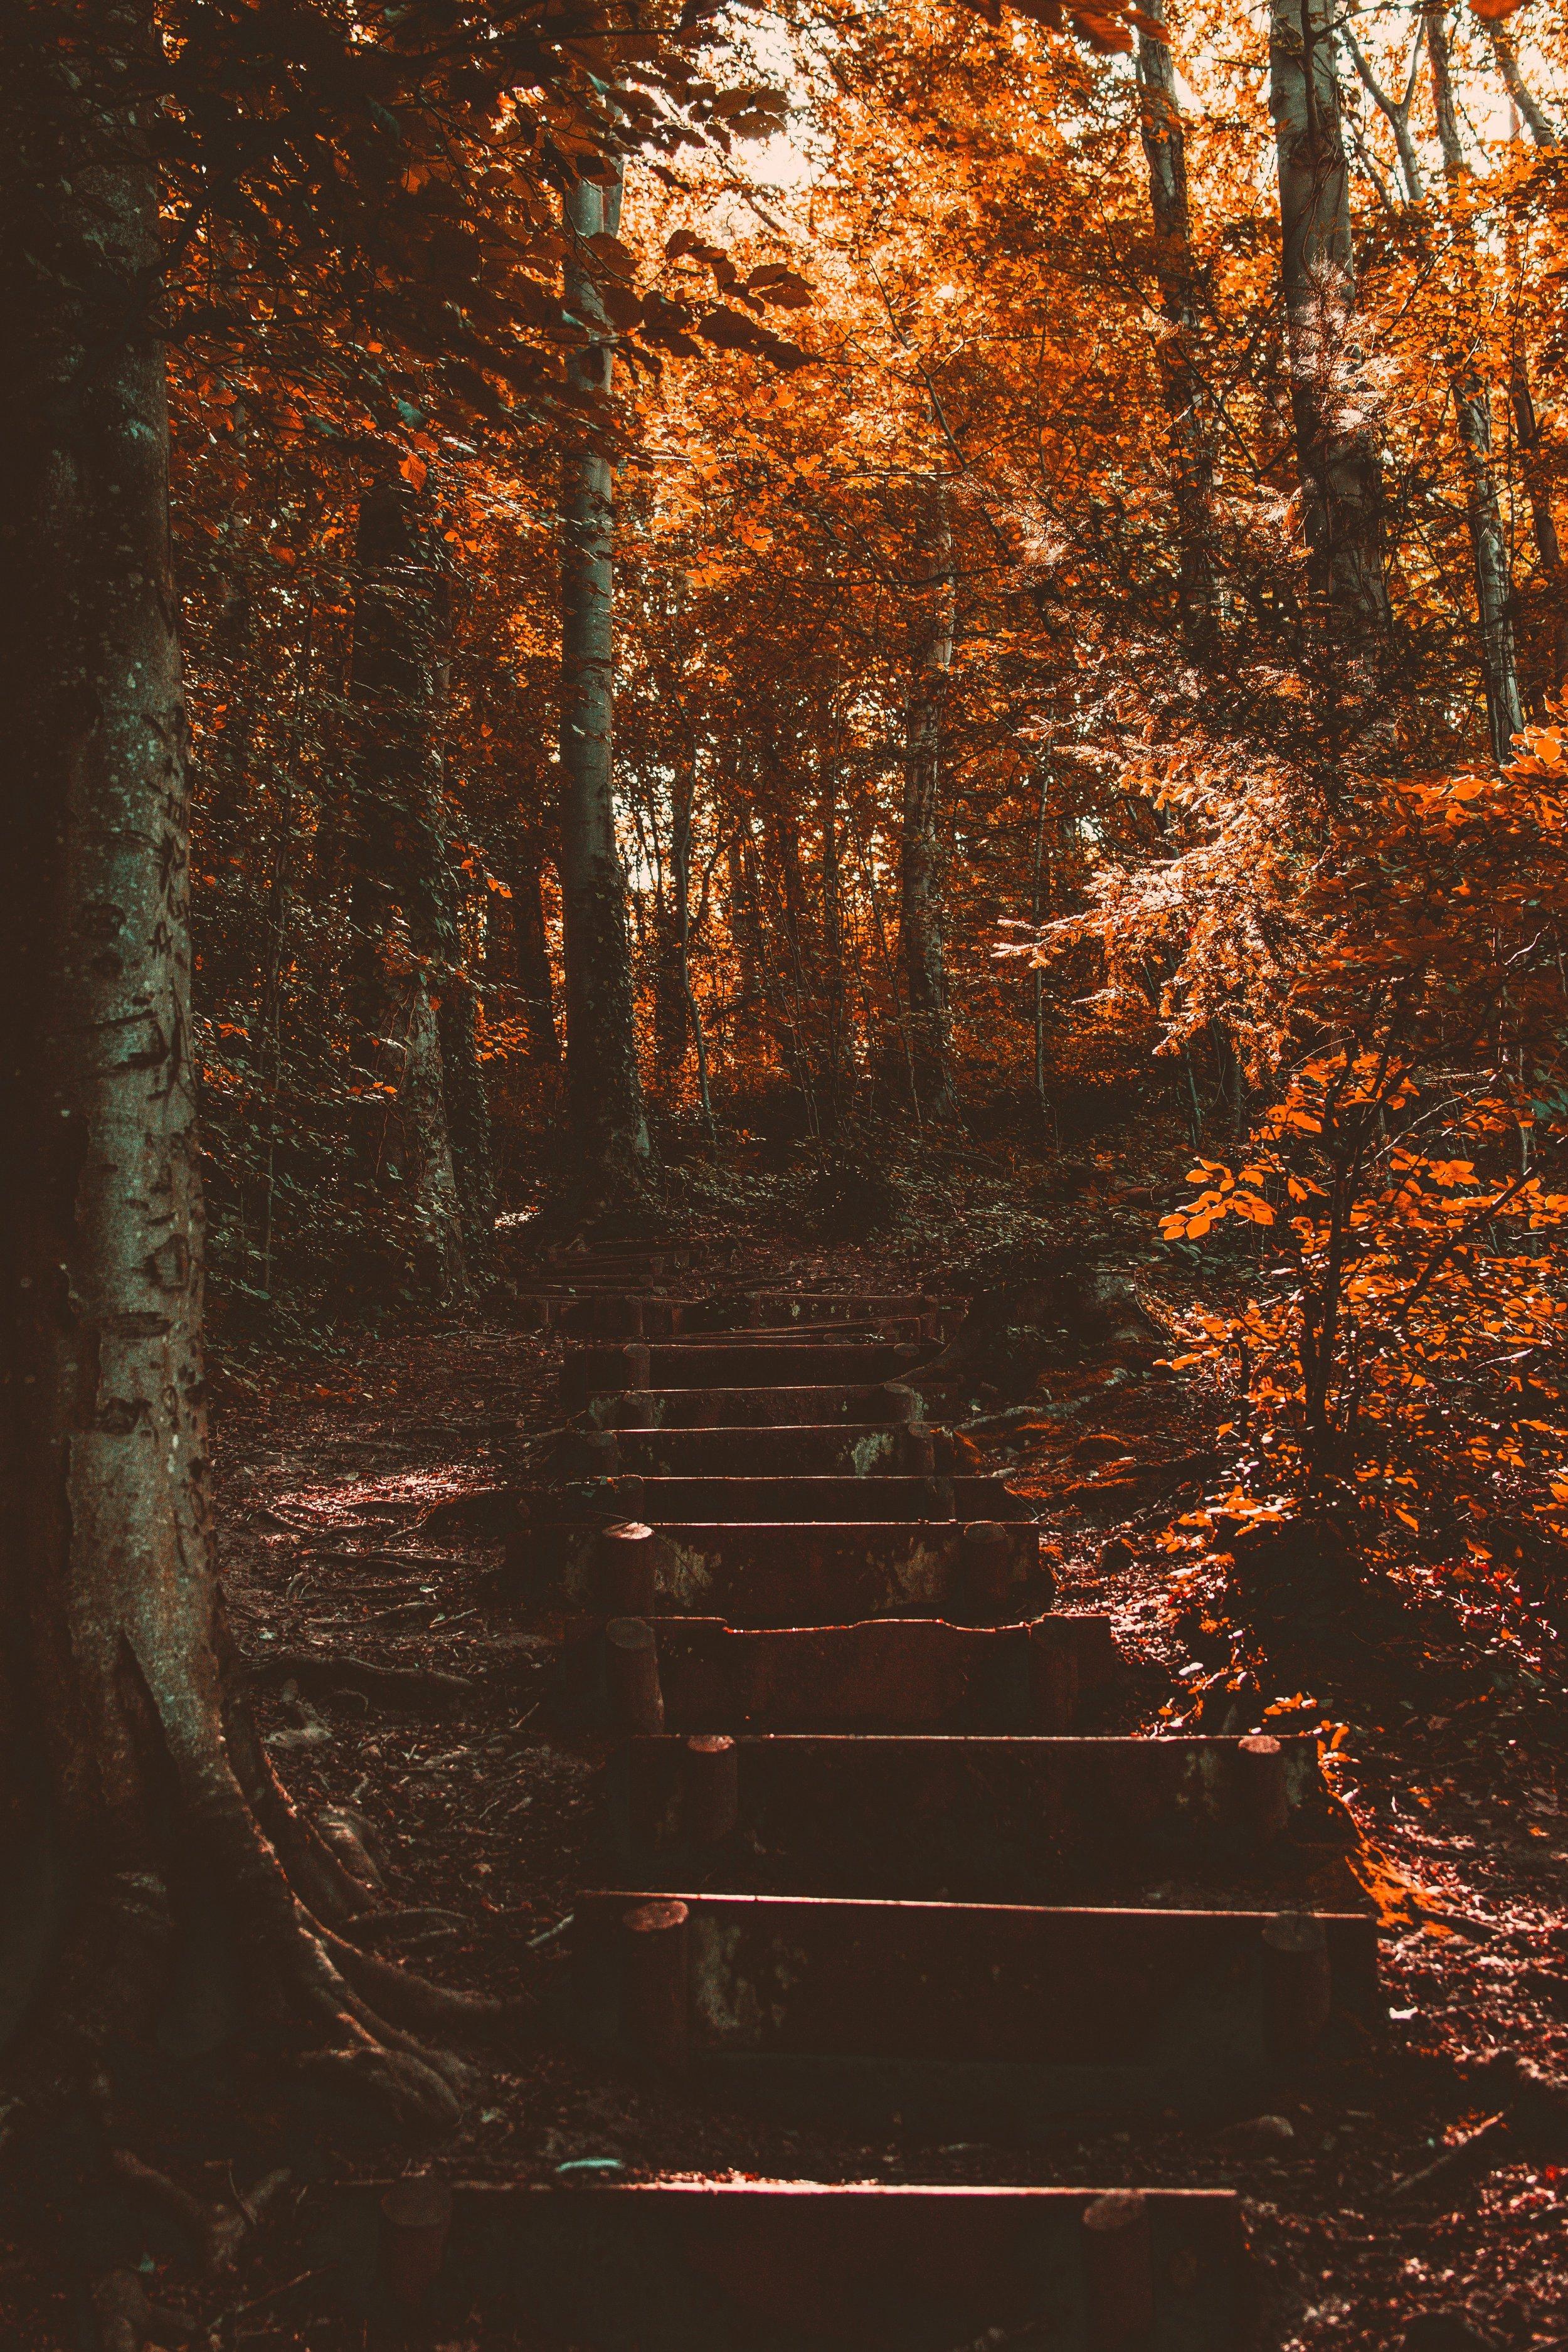 autumn-environment-fall-2812164.jpg